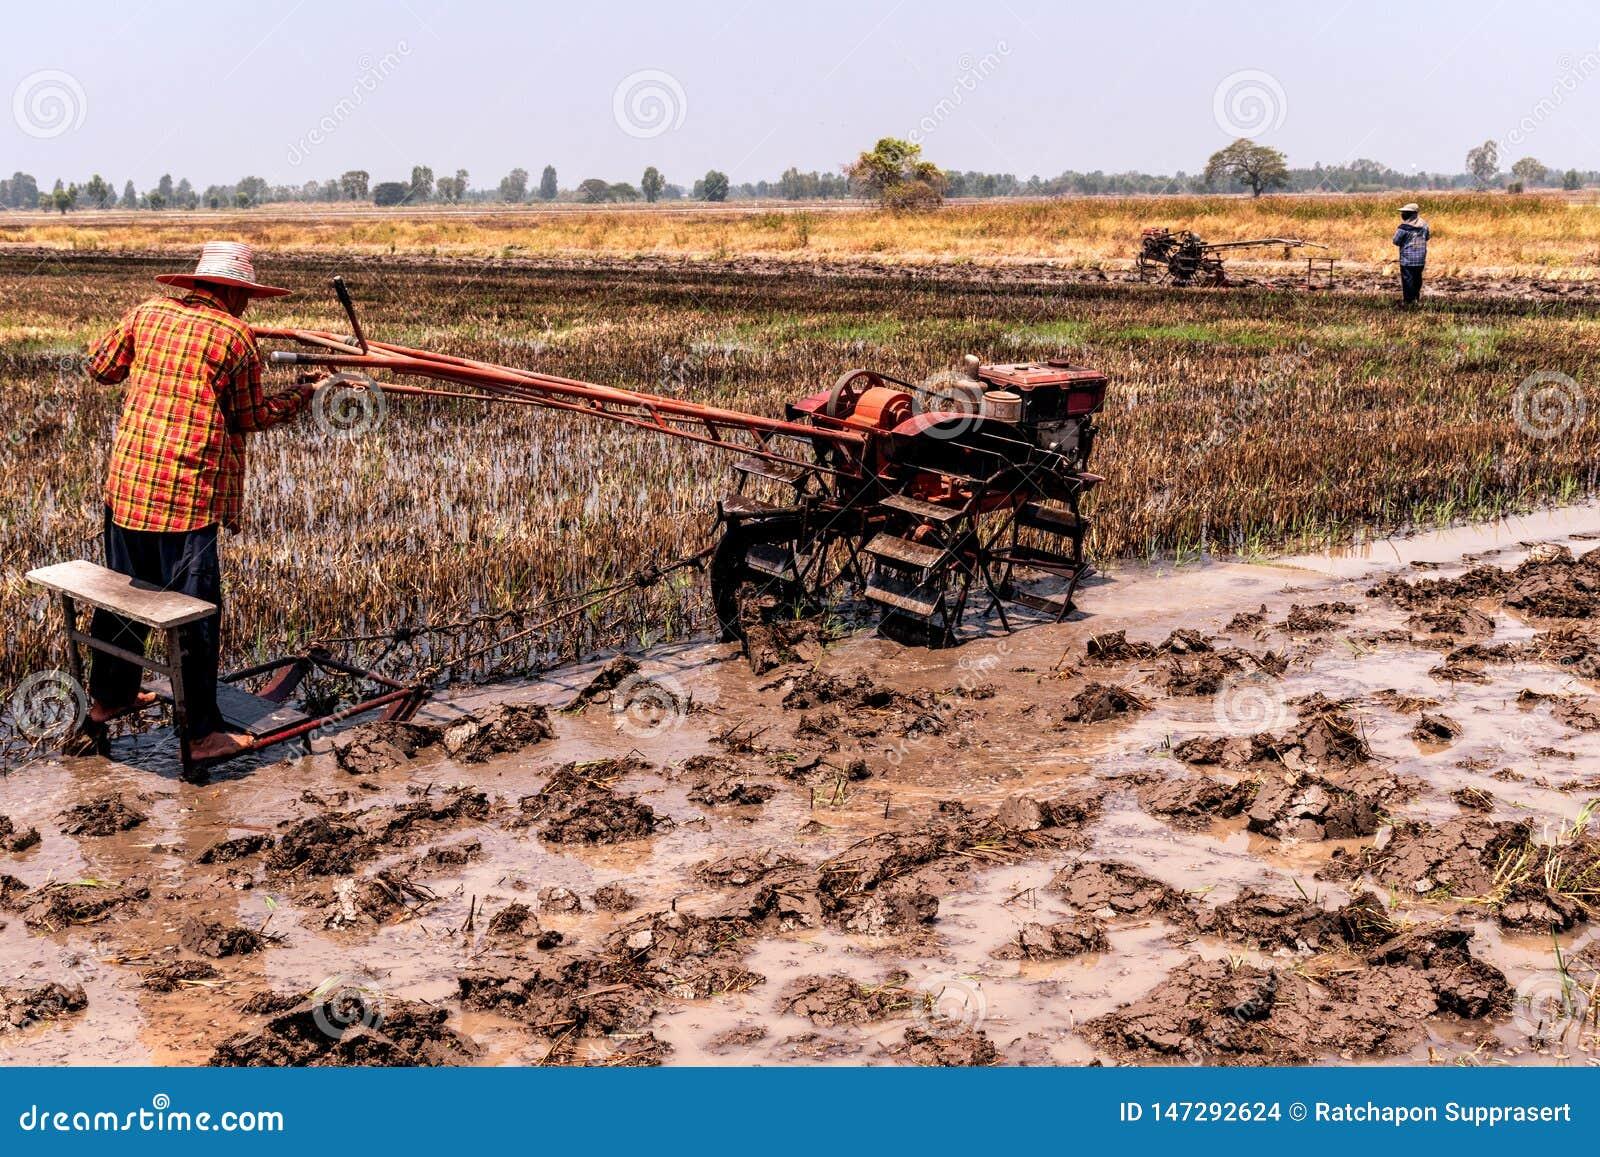 Τομείς ρυζιού που έχουν συγκομιστεί και προετοιμάζονται για την επόμενη φύτευση ρυζιού